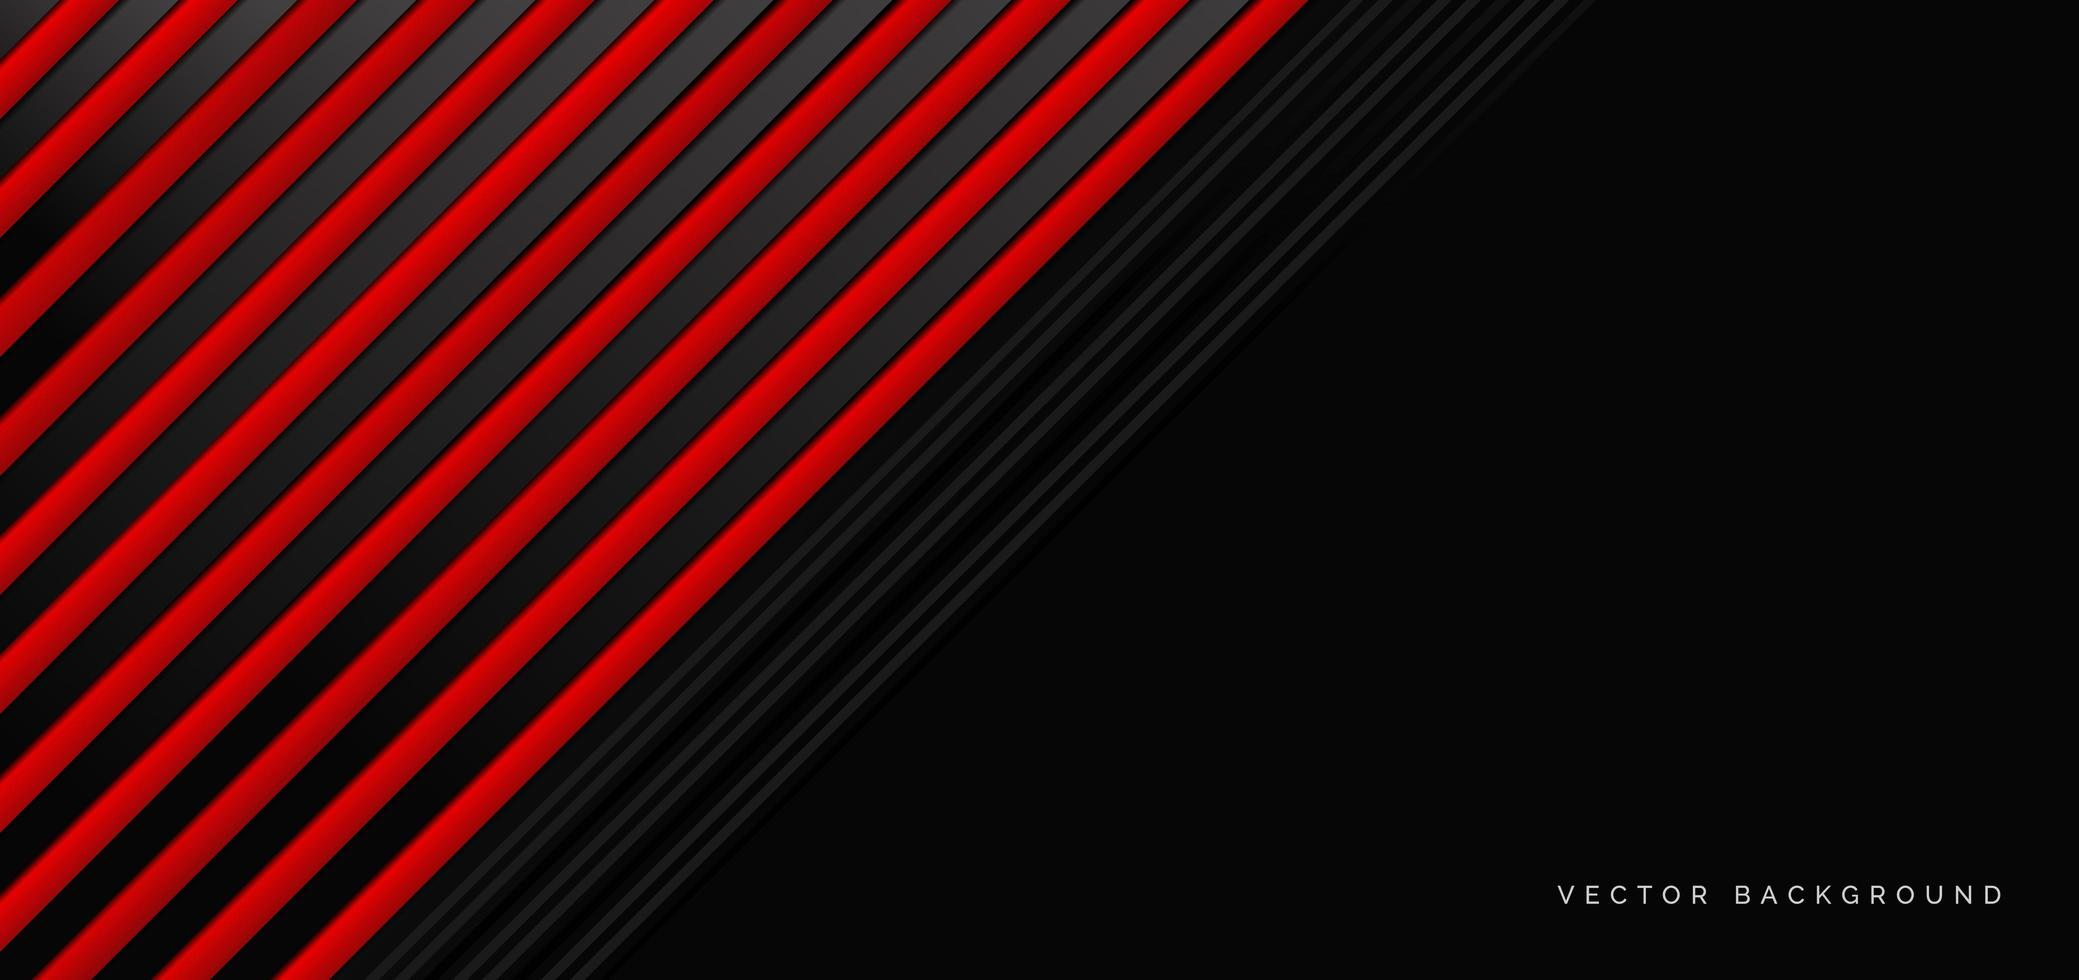 banner abstrato com elementos geométricos vermelhos e pretos vetor